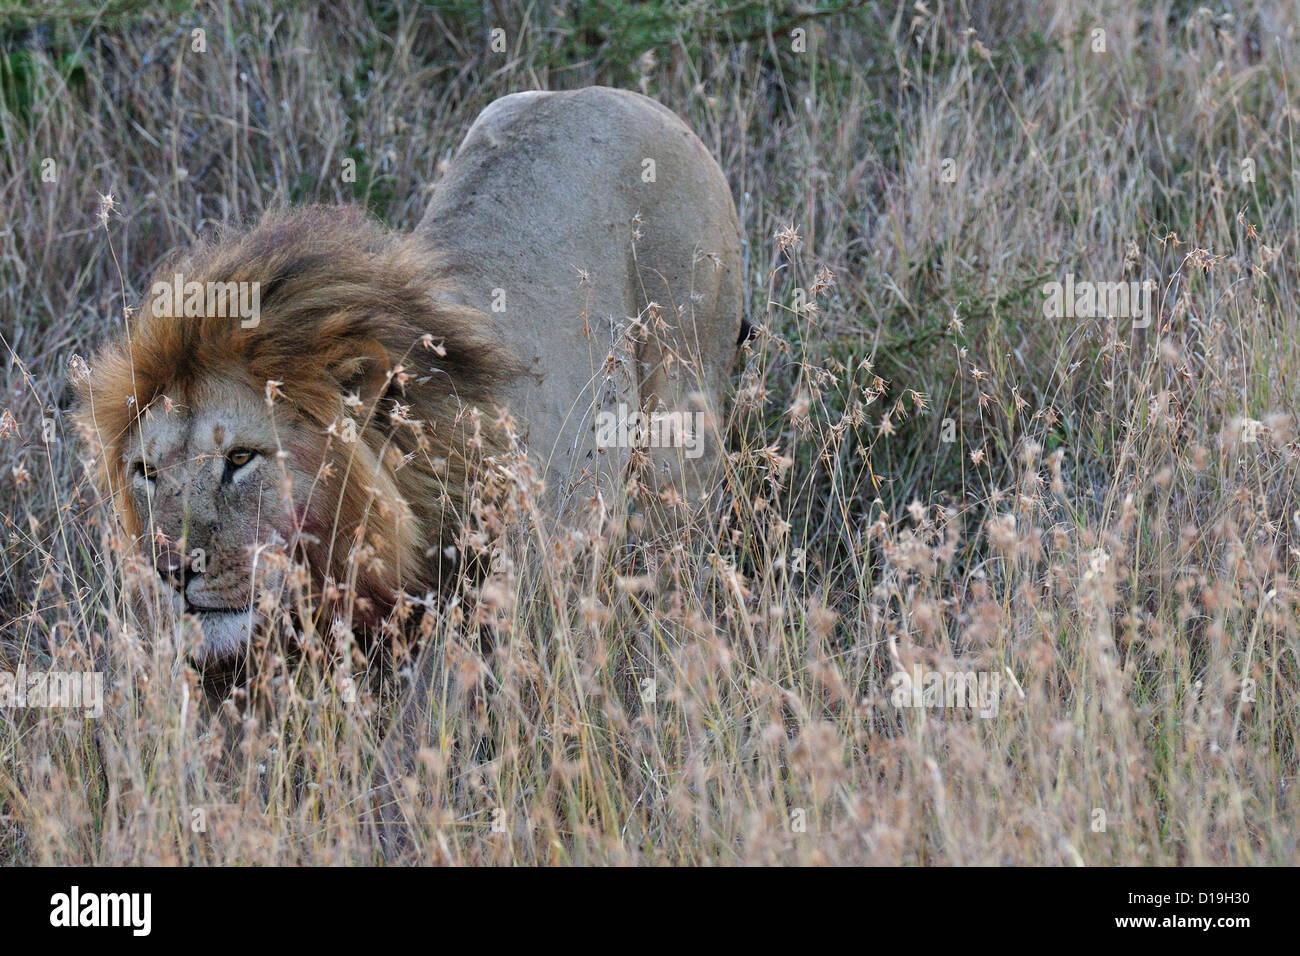 Male of lion (Panthera leo), Mugie Sanctuary, Kenya, Africa - Stock Image